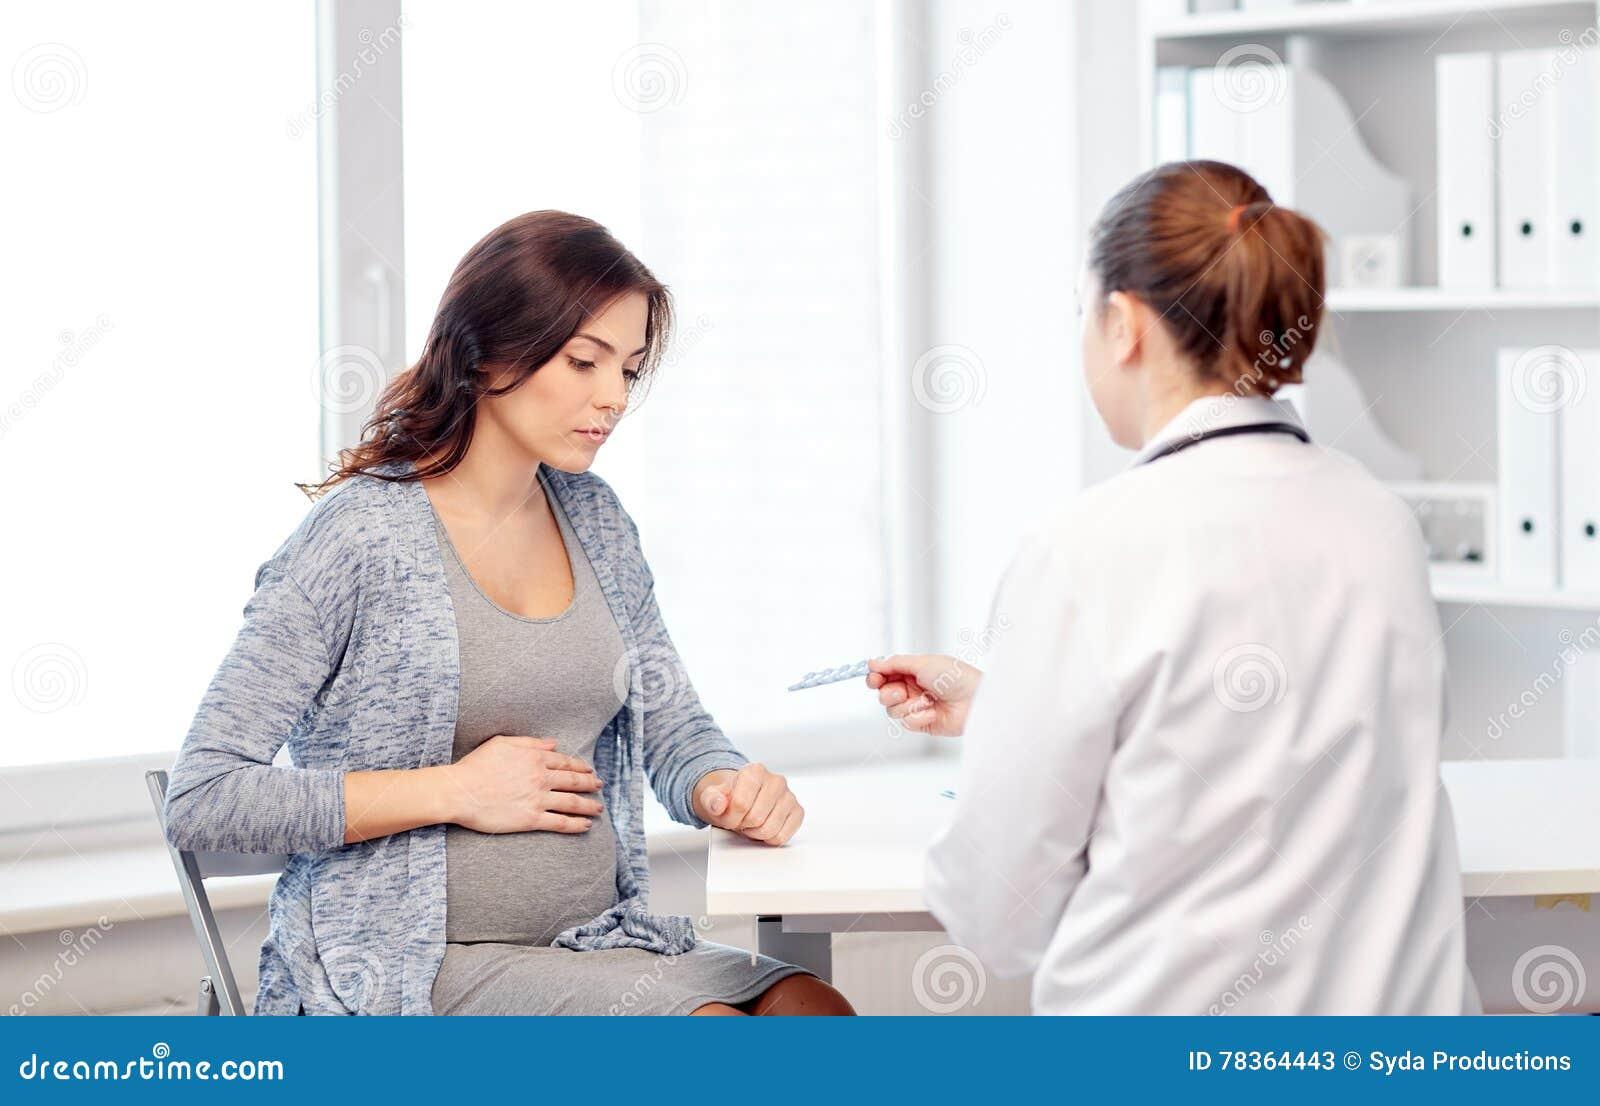 Беременные у гинеколога фото фото 346-786